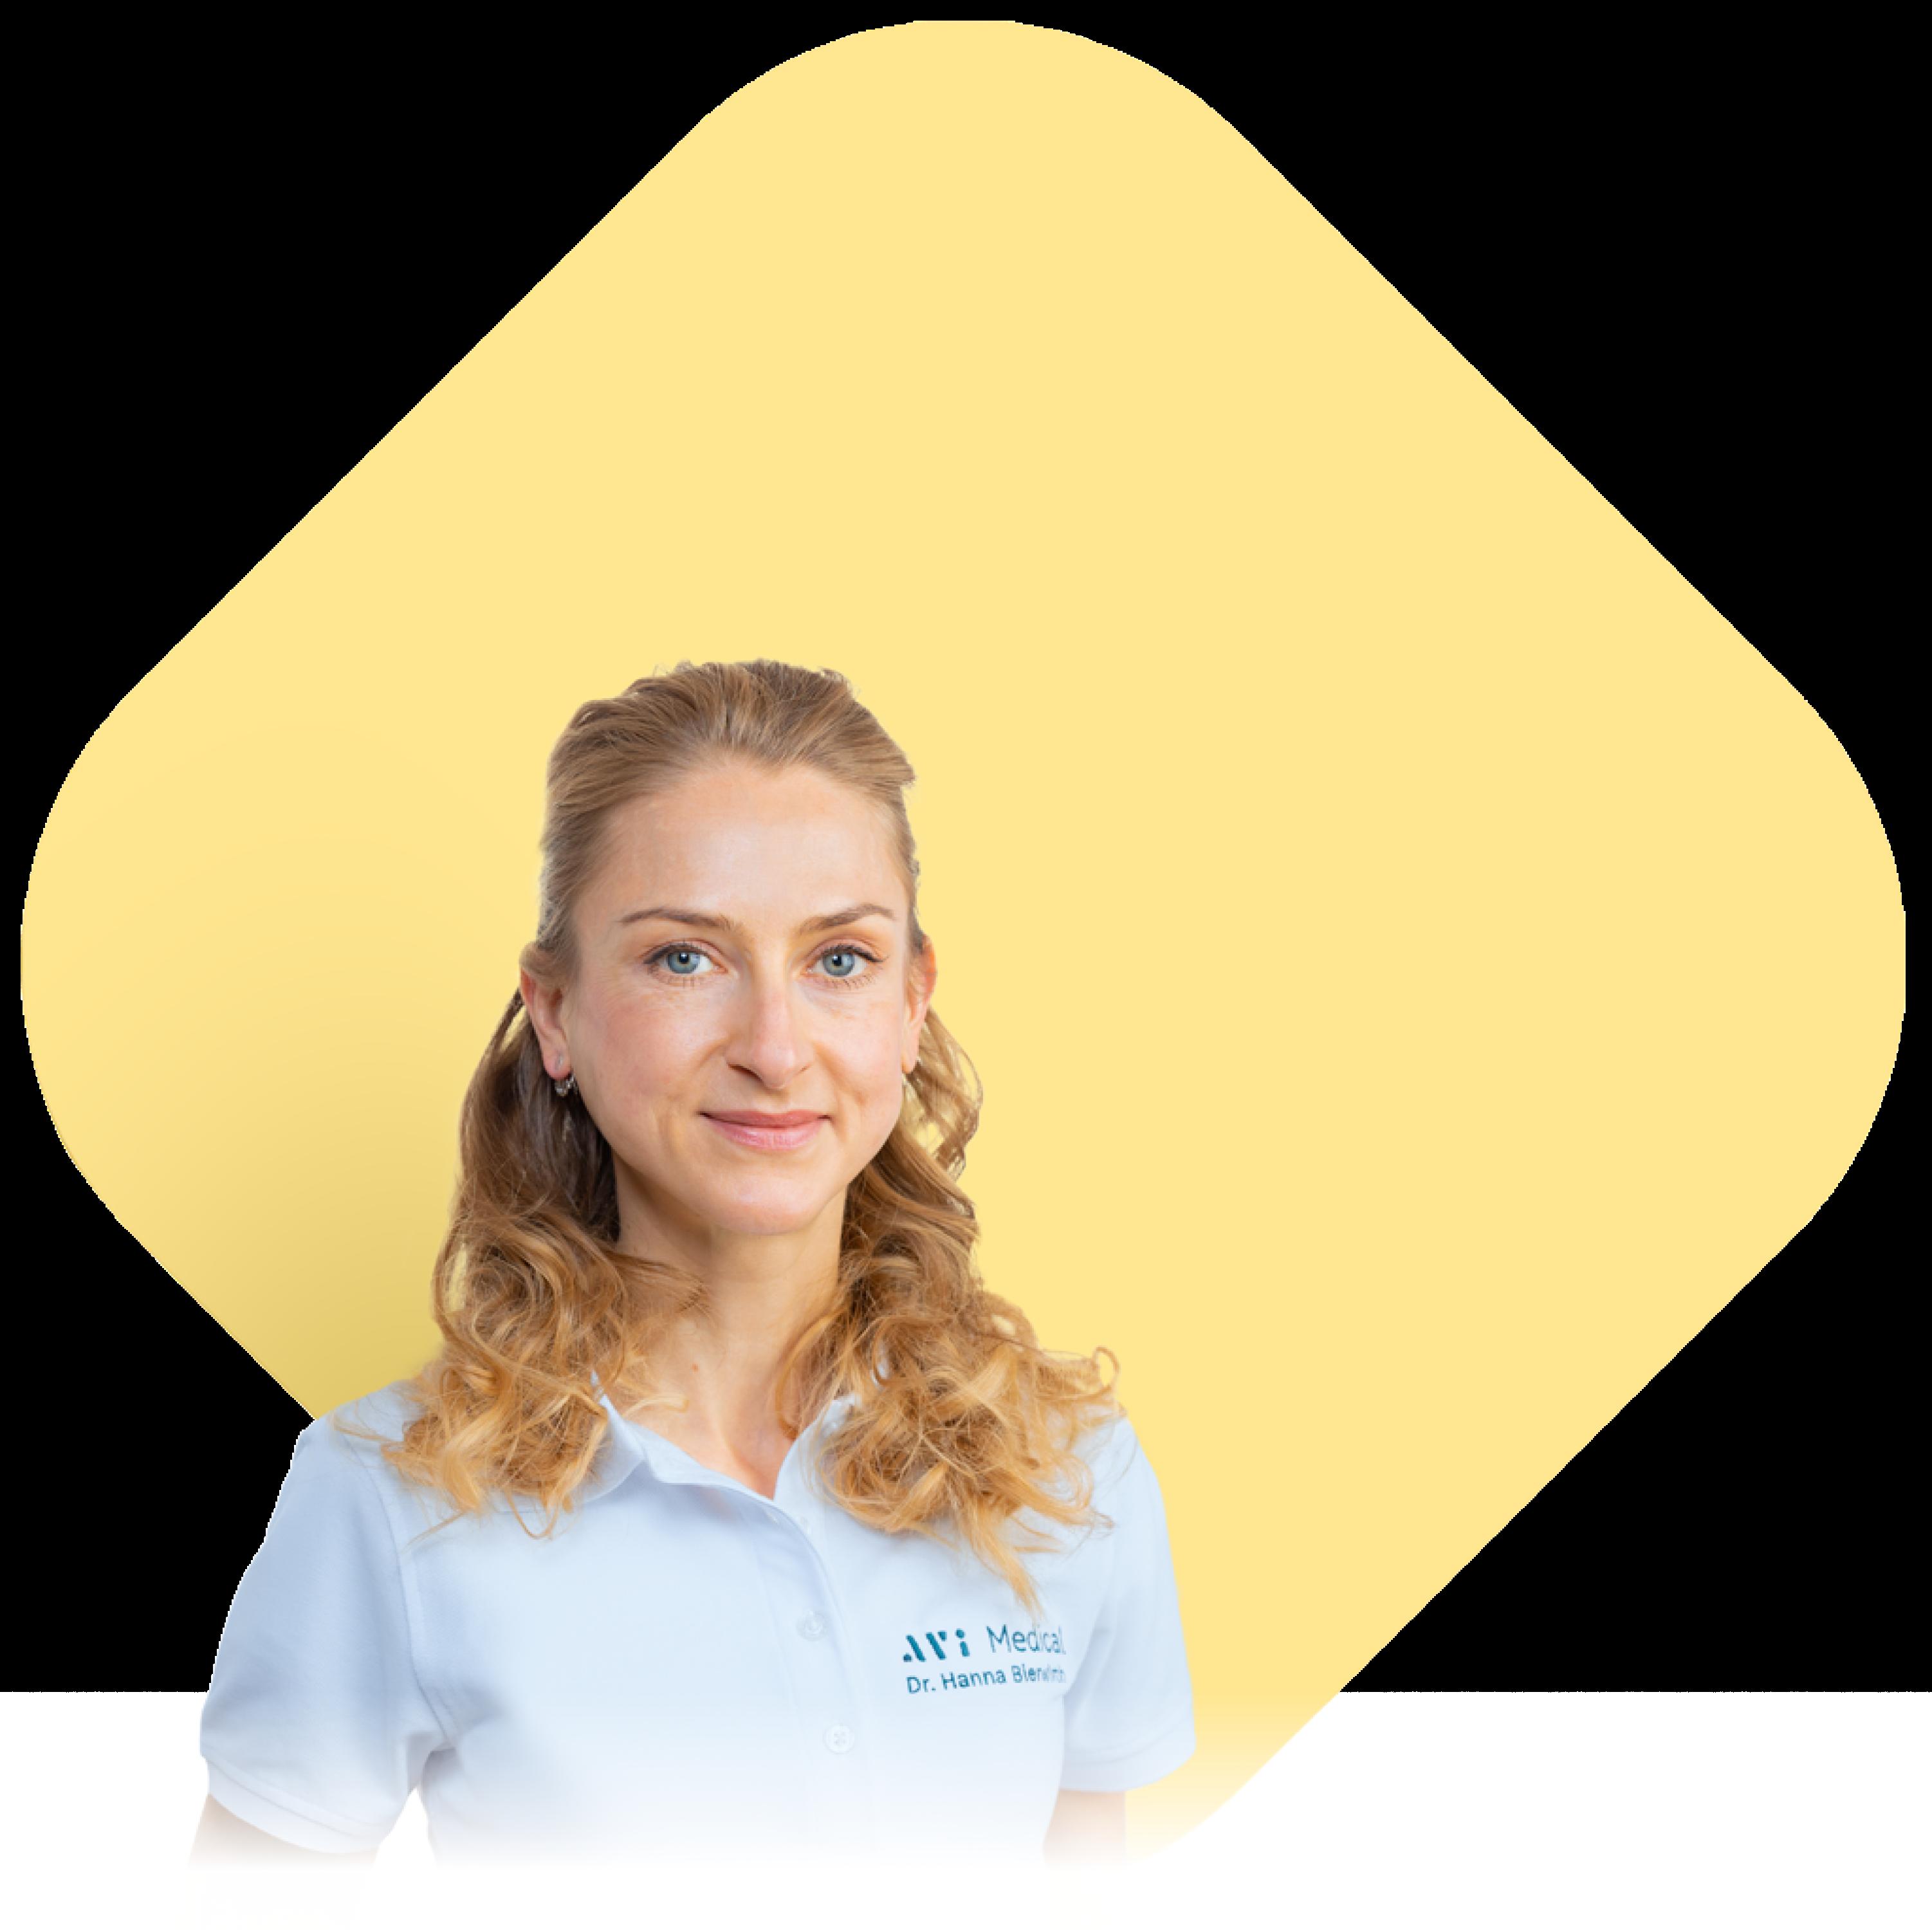 Dr. Hanna Bierwirth